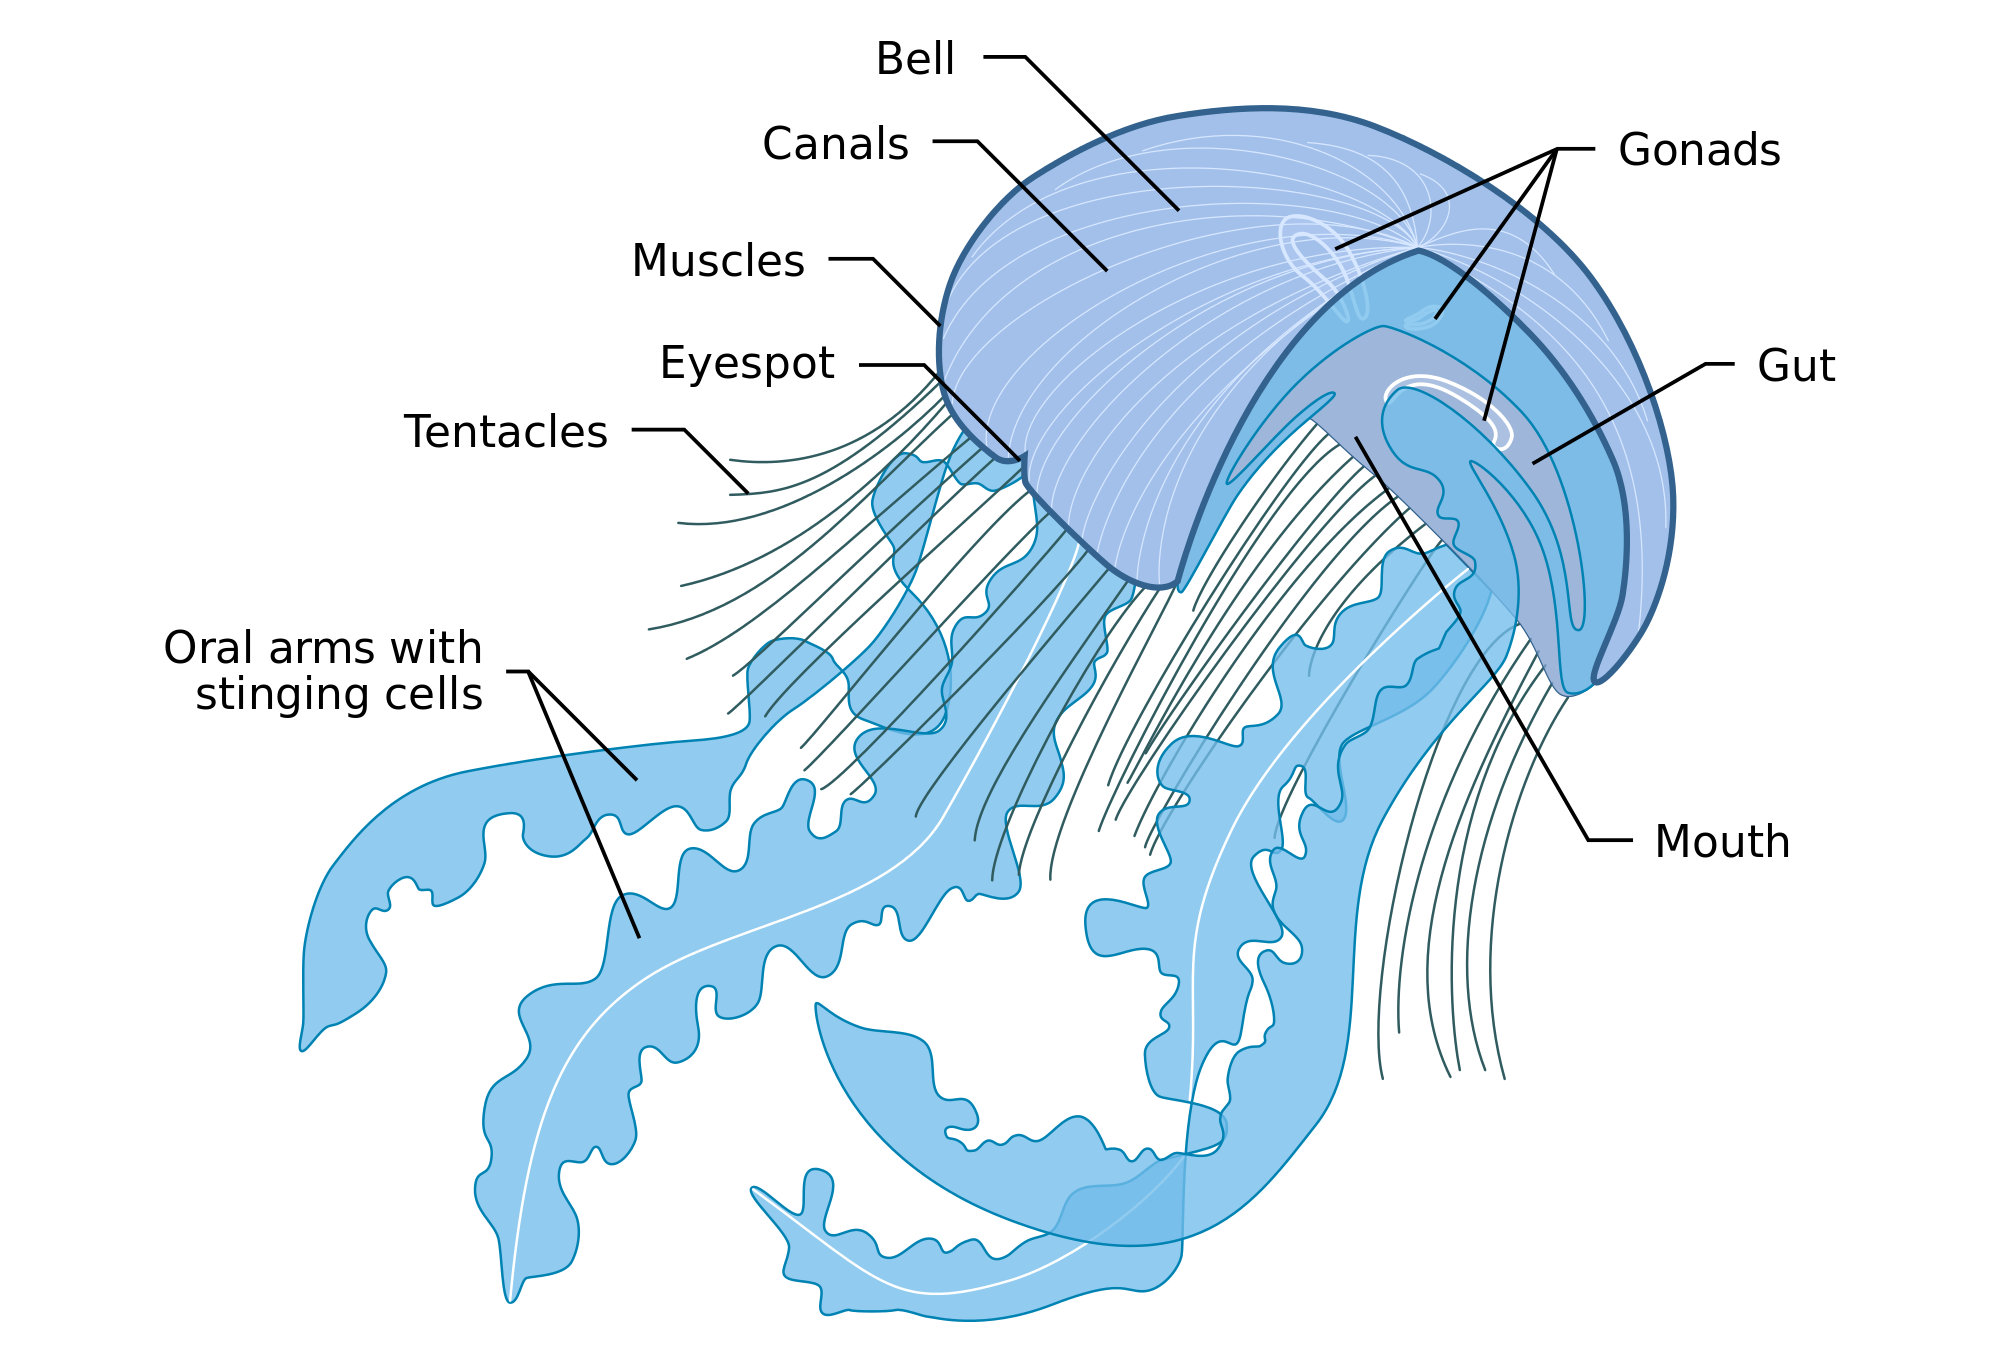 jellyfish anatomy - Google Search | Zoology | Pinterest